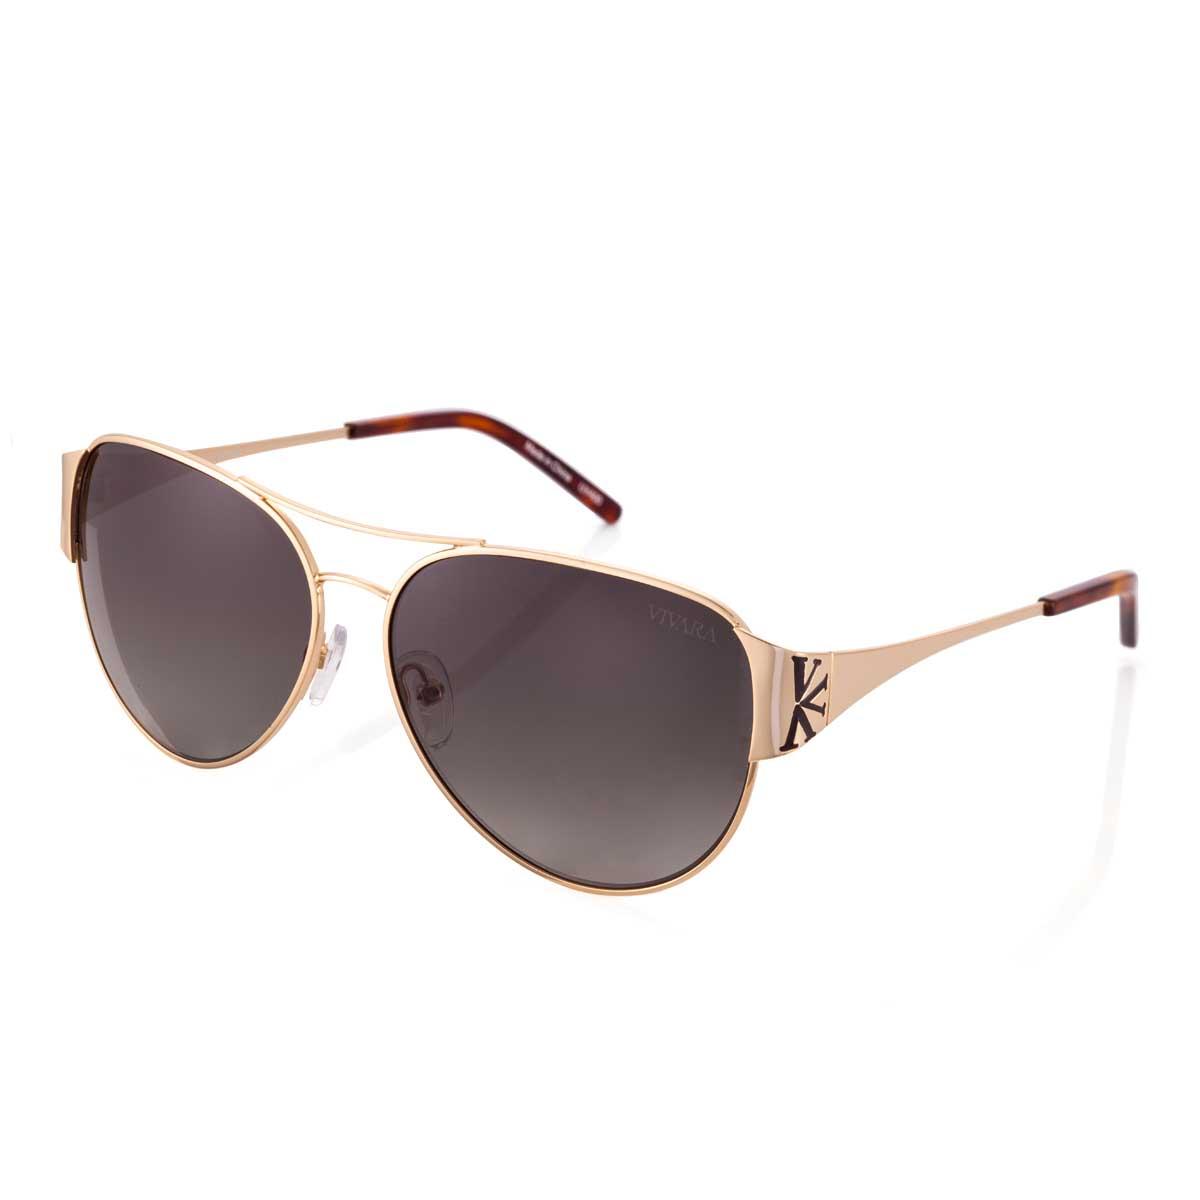 be3febf3f2d4d Óculos de Sol Aviador em Aço Dourado